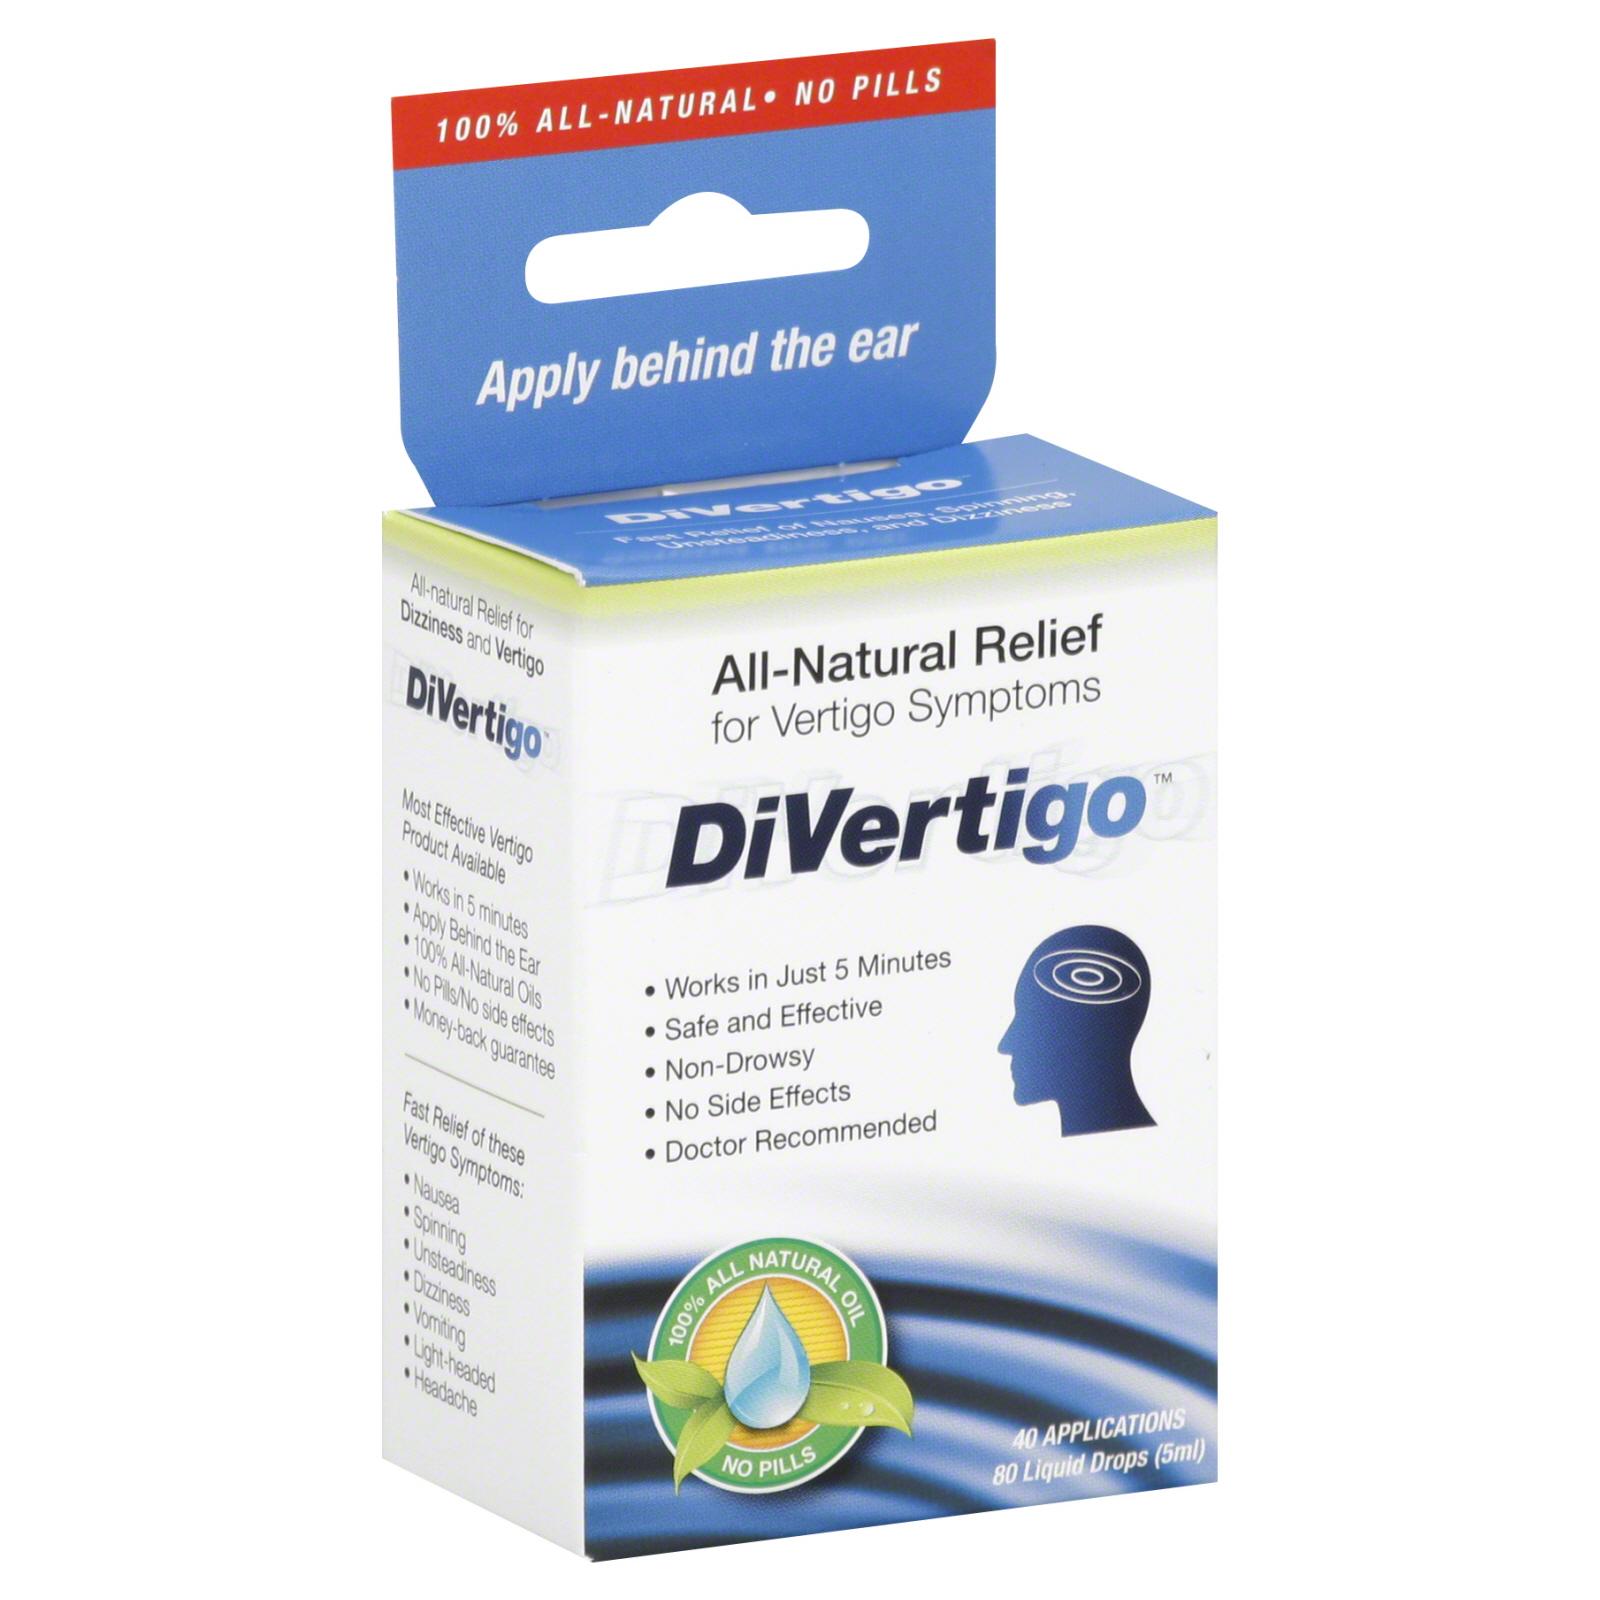 DiVertigo DiVertigo All Natural Relief for Vertigo ...